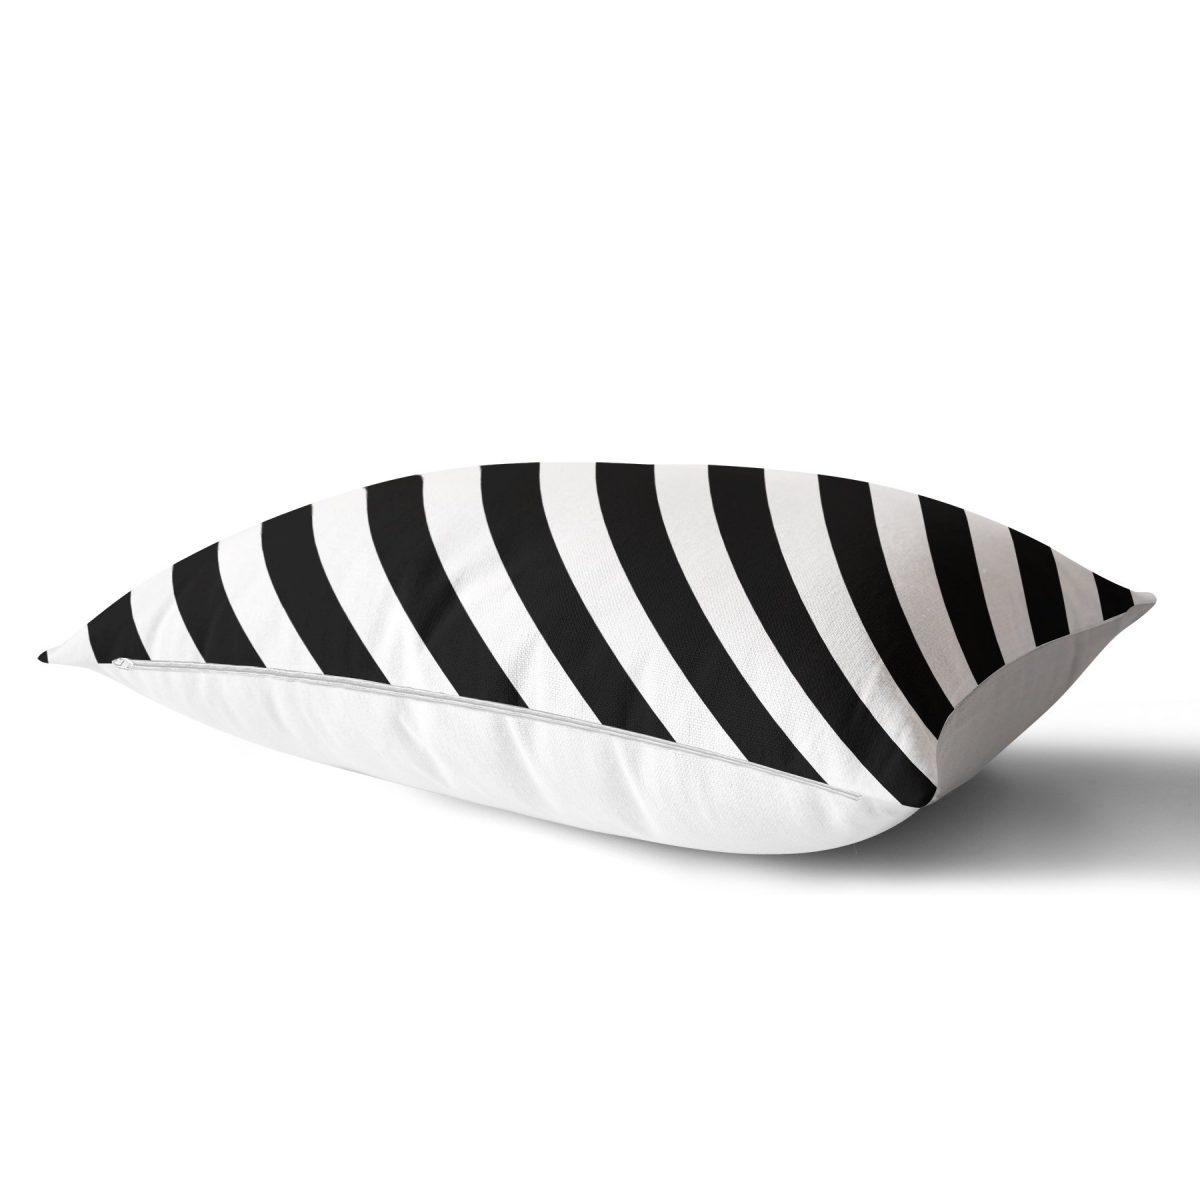 Siyah Beyaz Şeritli Dijital Baskılı Dikdörtgen Yastık Kırlent Kılıfı Realhomes